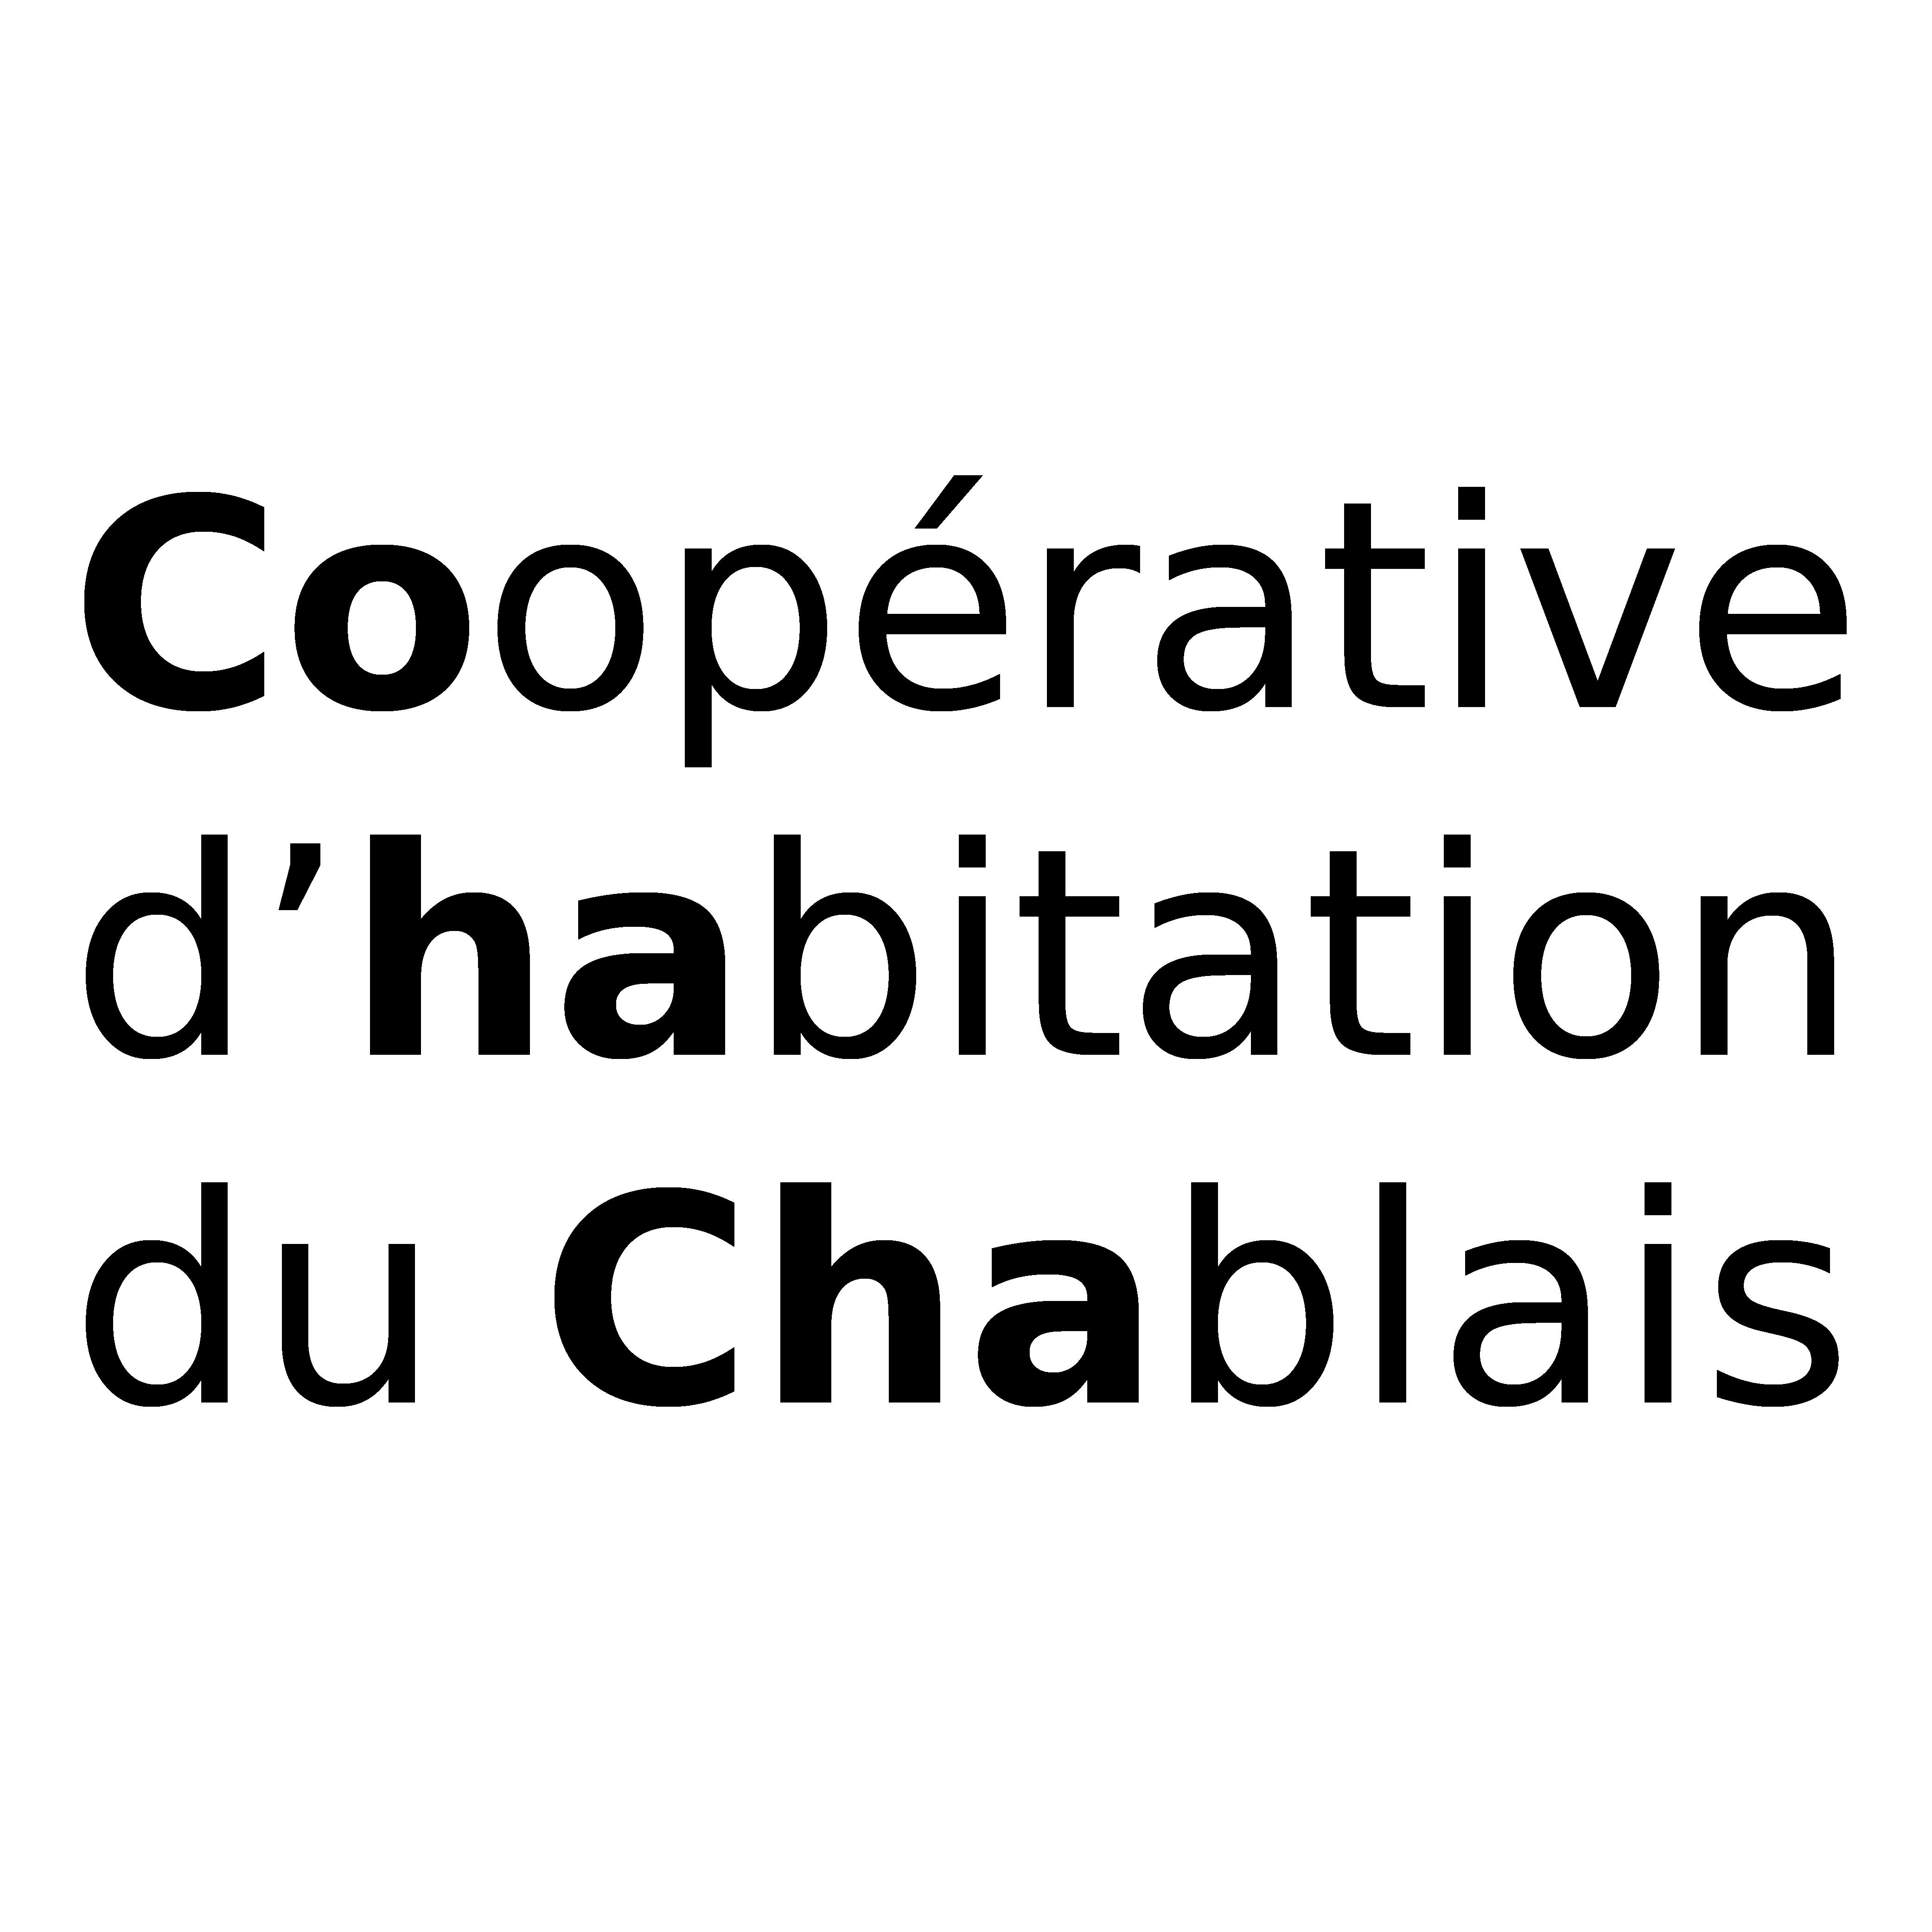 Coopérative d'habitation du Chablais